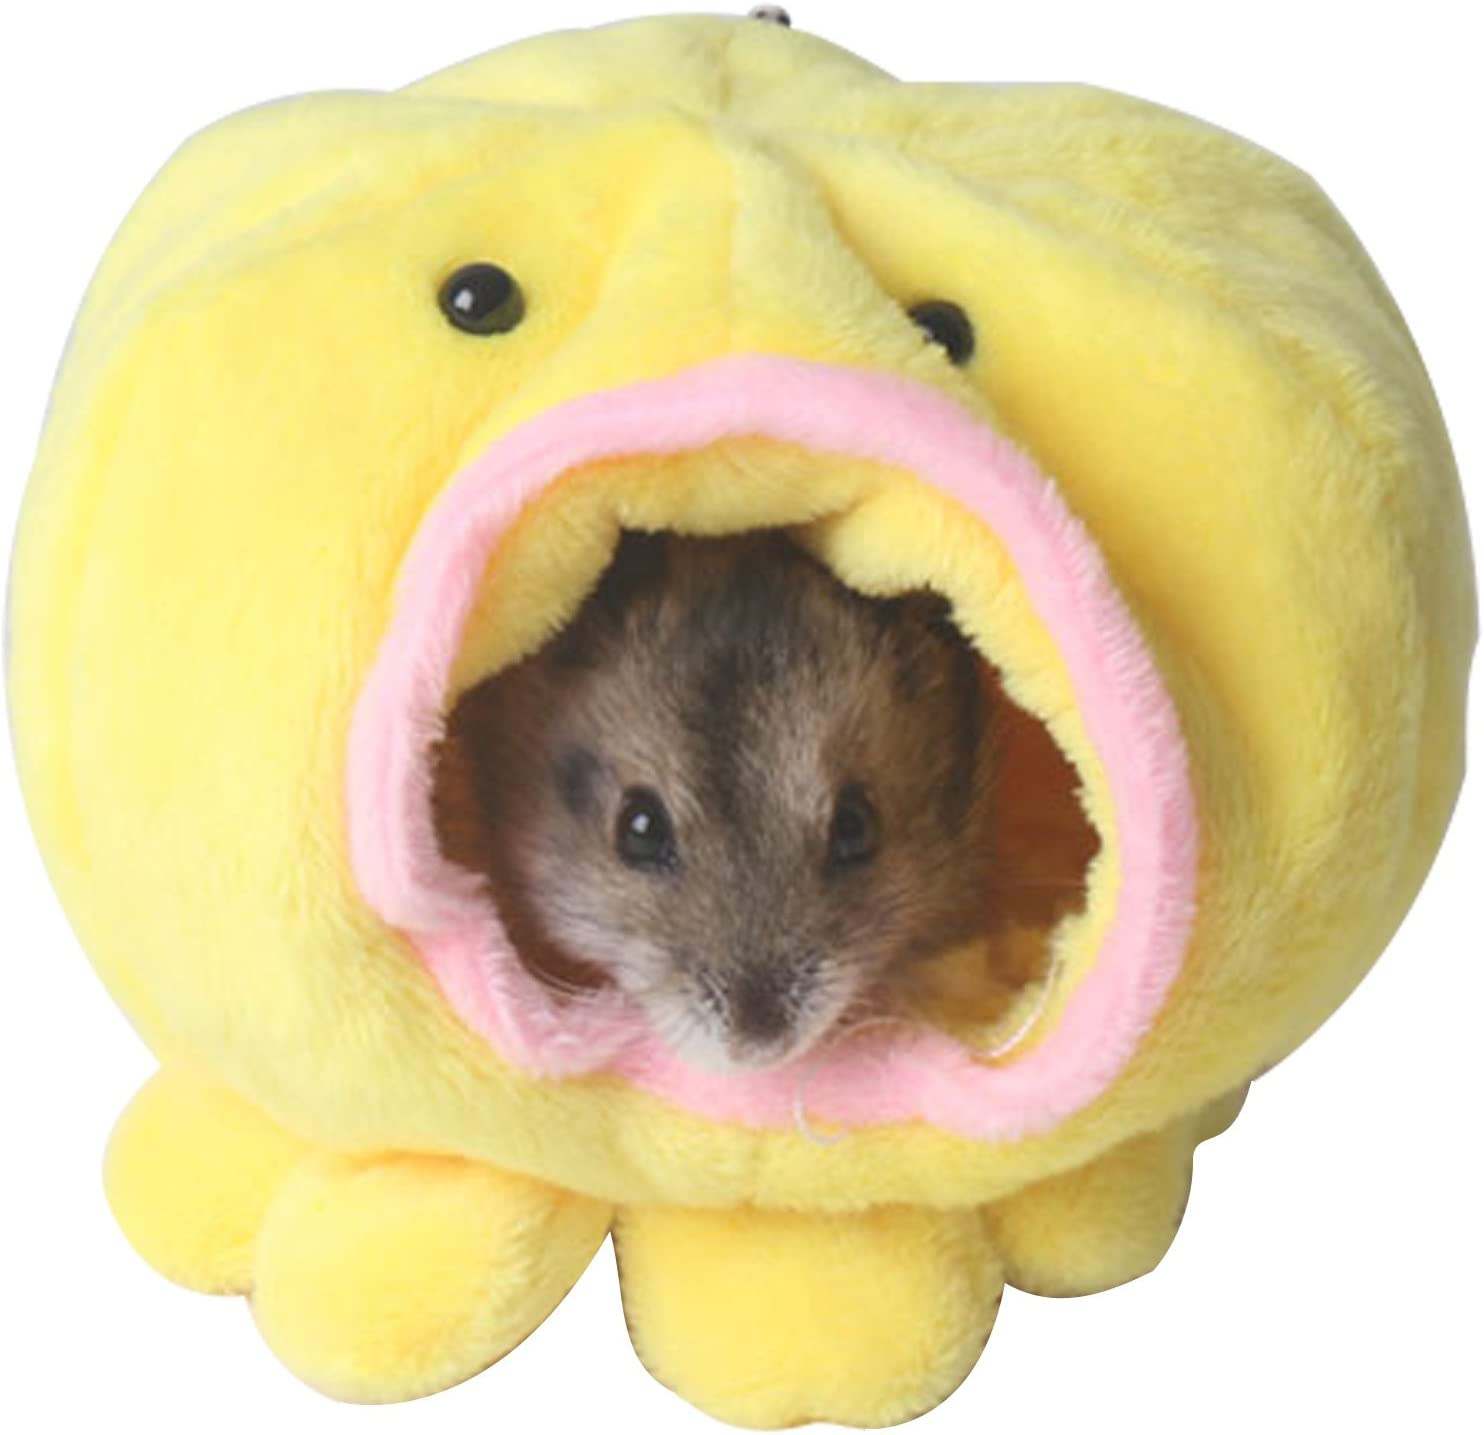 Boodtag nido de hámster de peluche algodón caliente Mignon pequeño casa para hamster cama dormir invierno: Amazon.es: Productos para mascotas